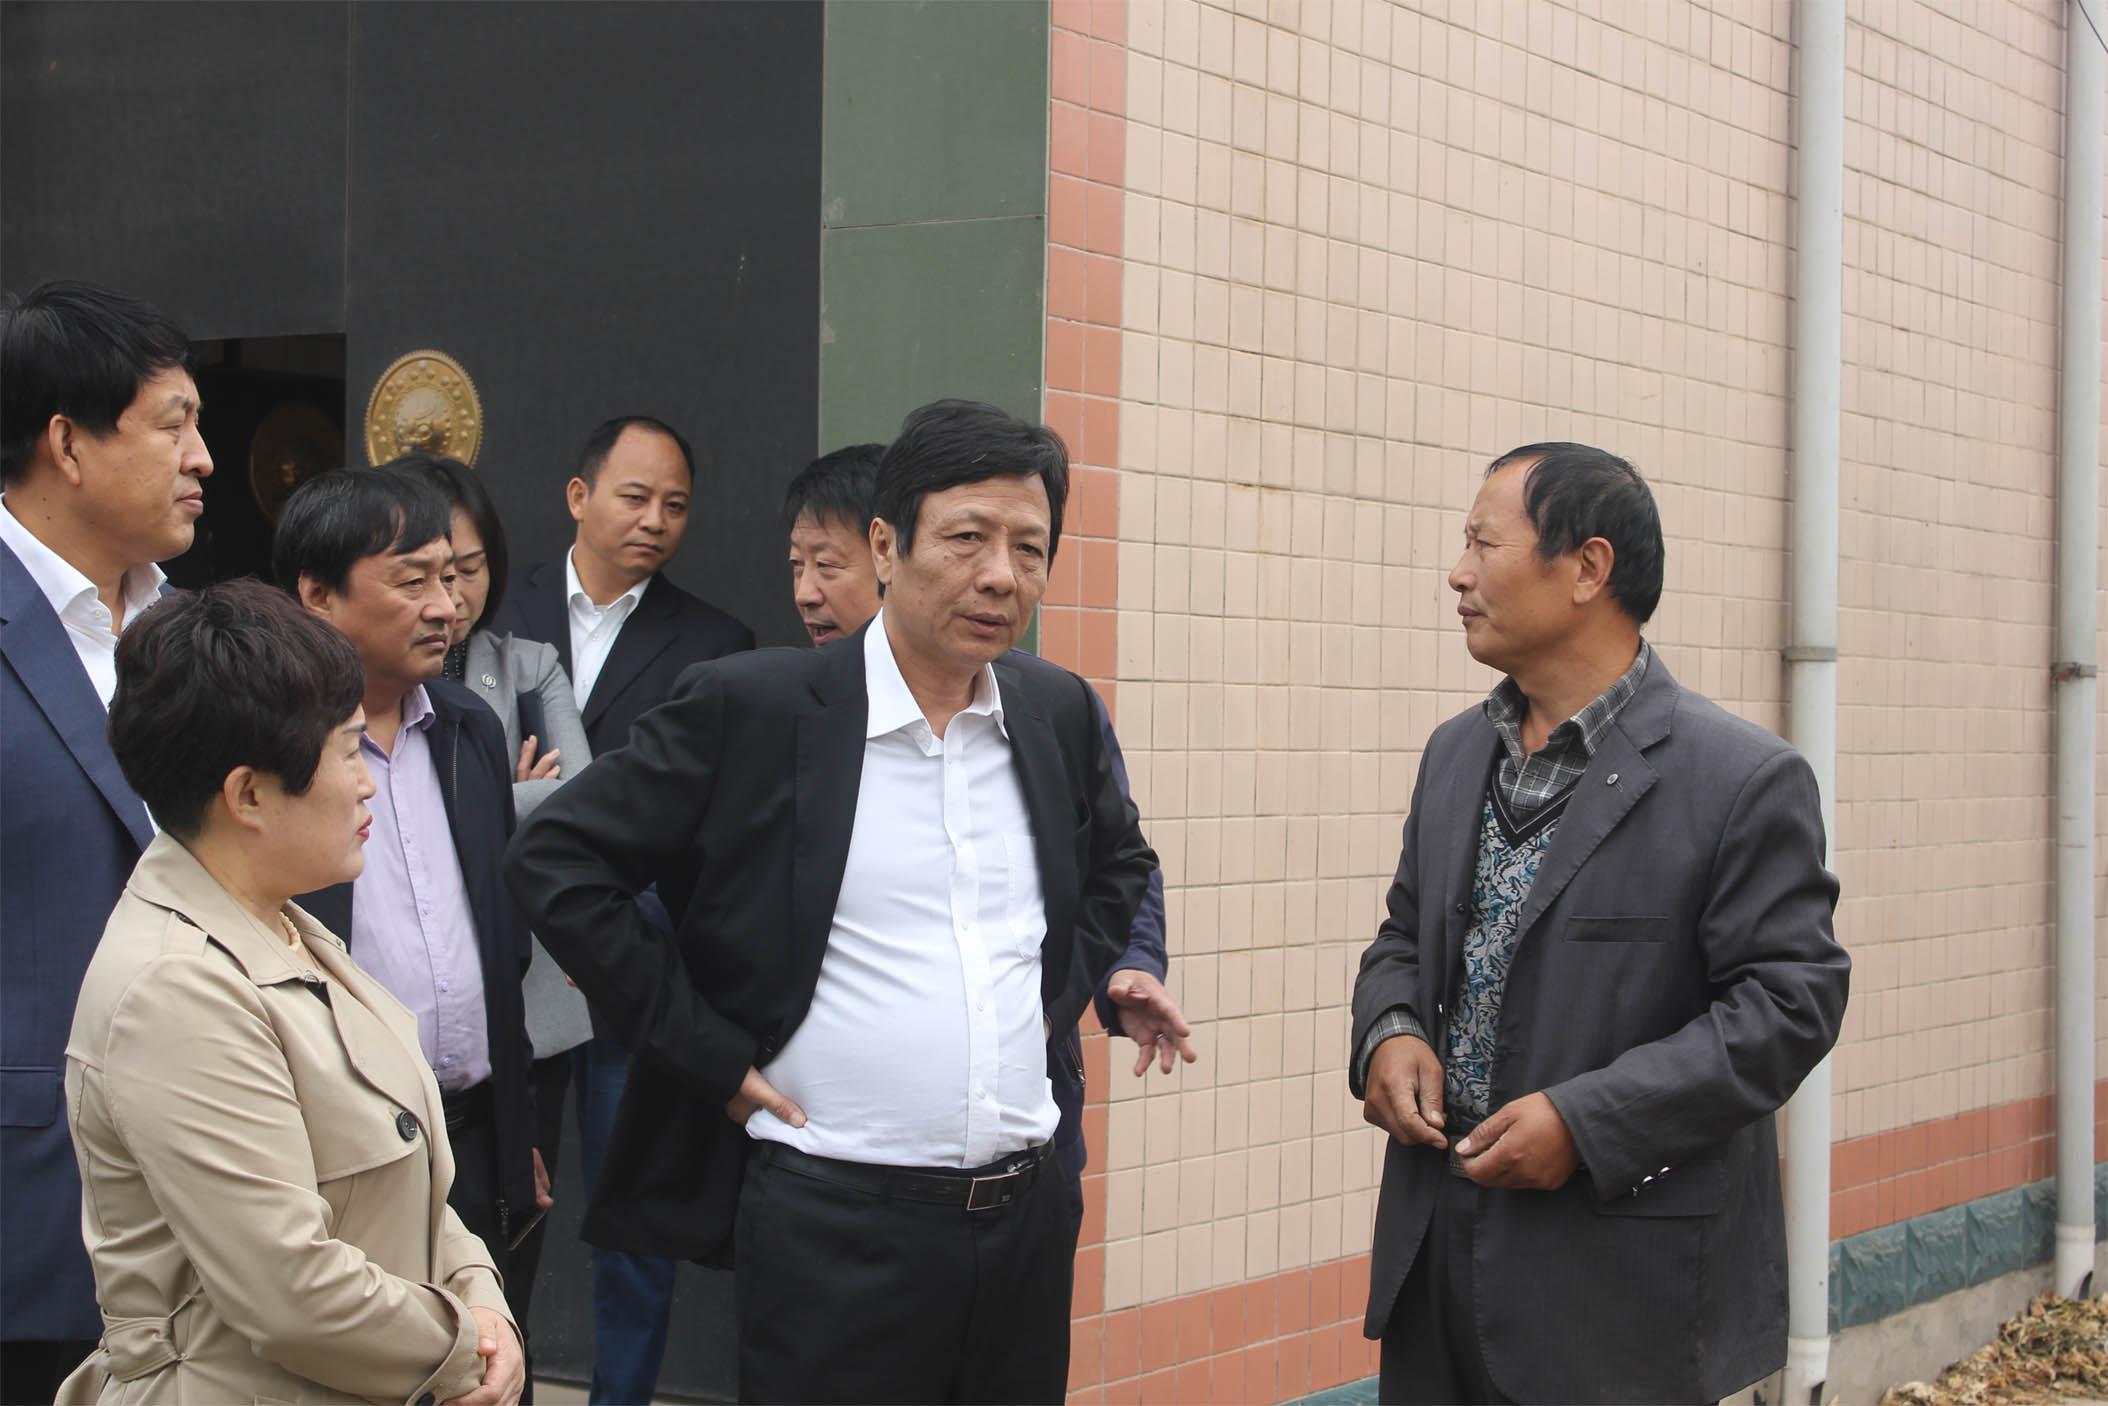 晋州市市委书记陈慧明考察淘宝彩票为什么停售了晋州市吕家庄村煤改电项目进度情况